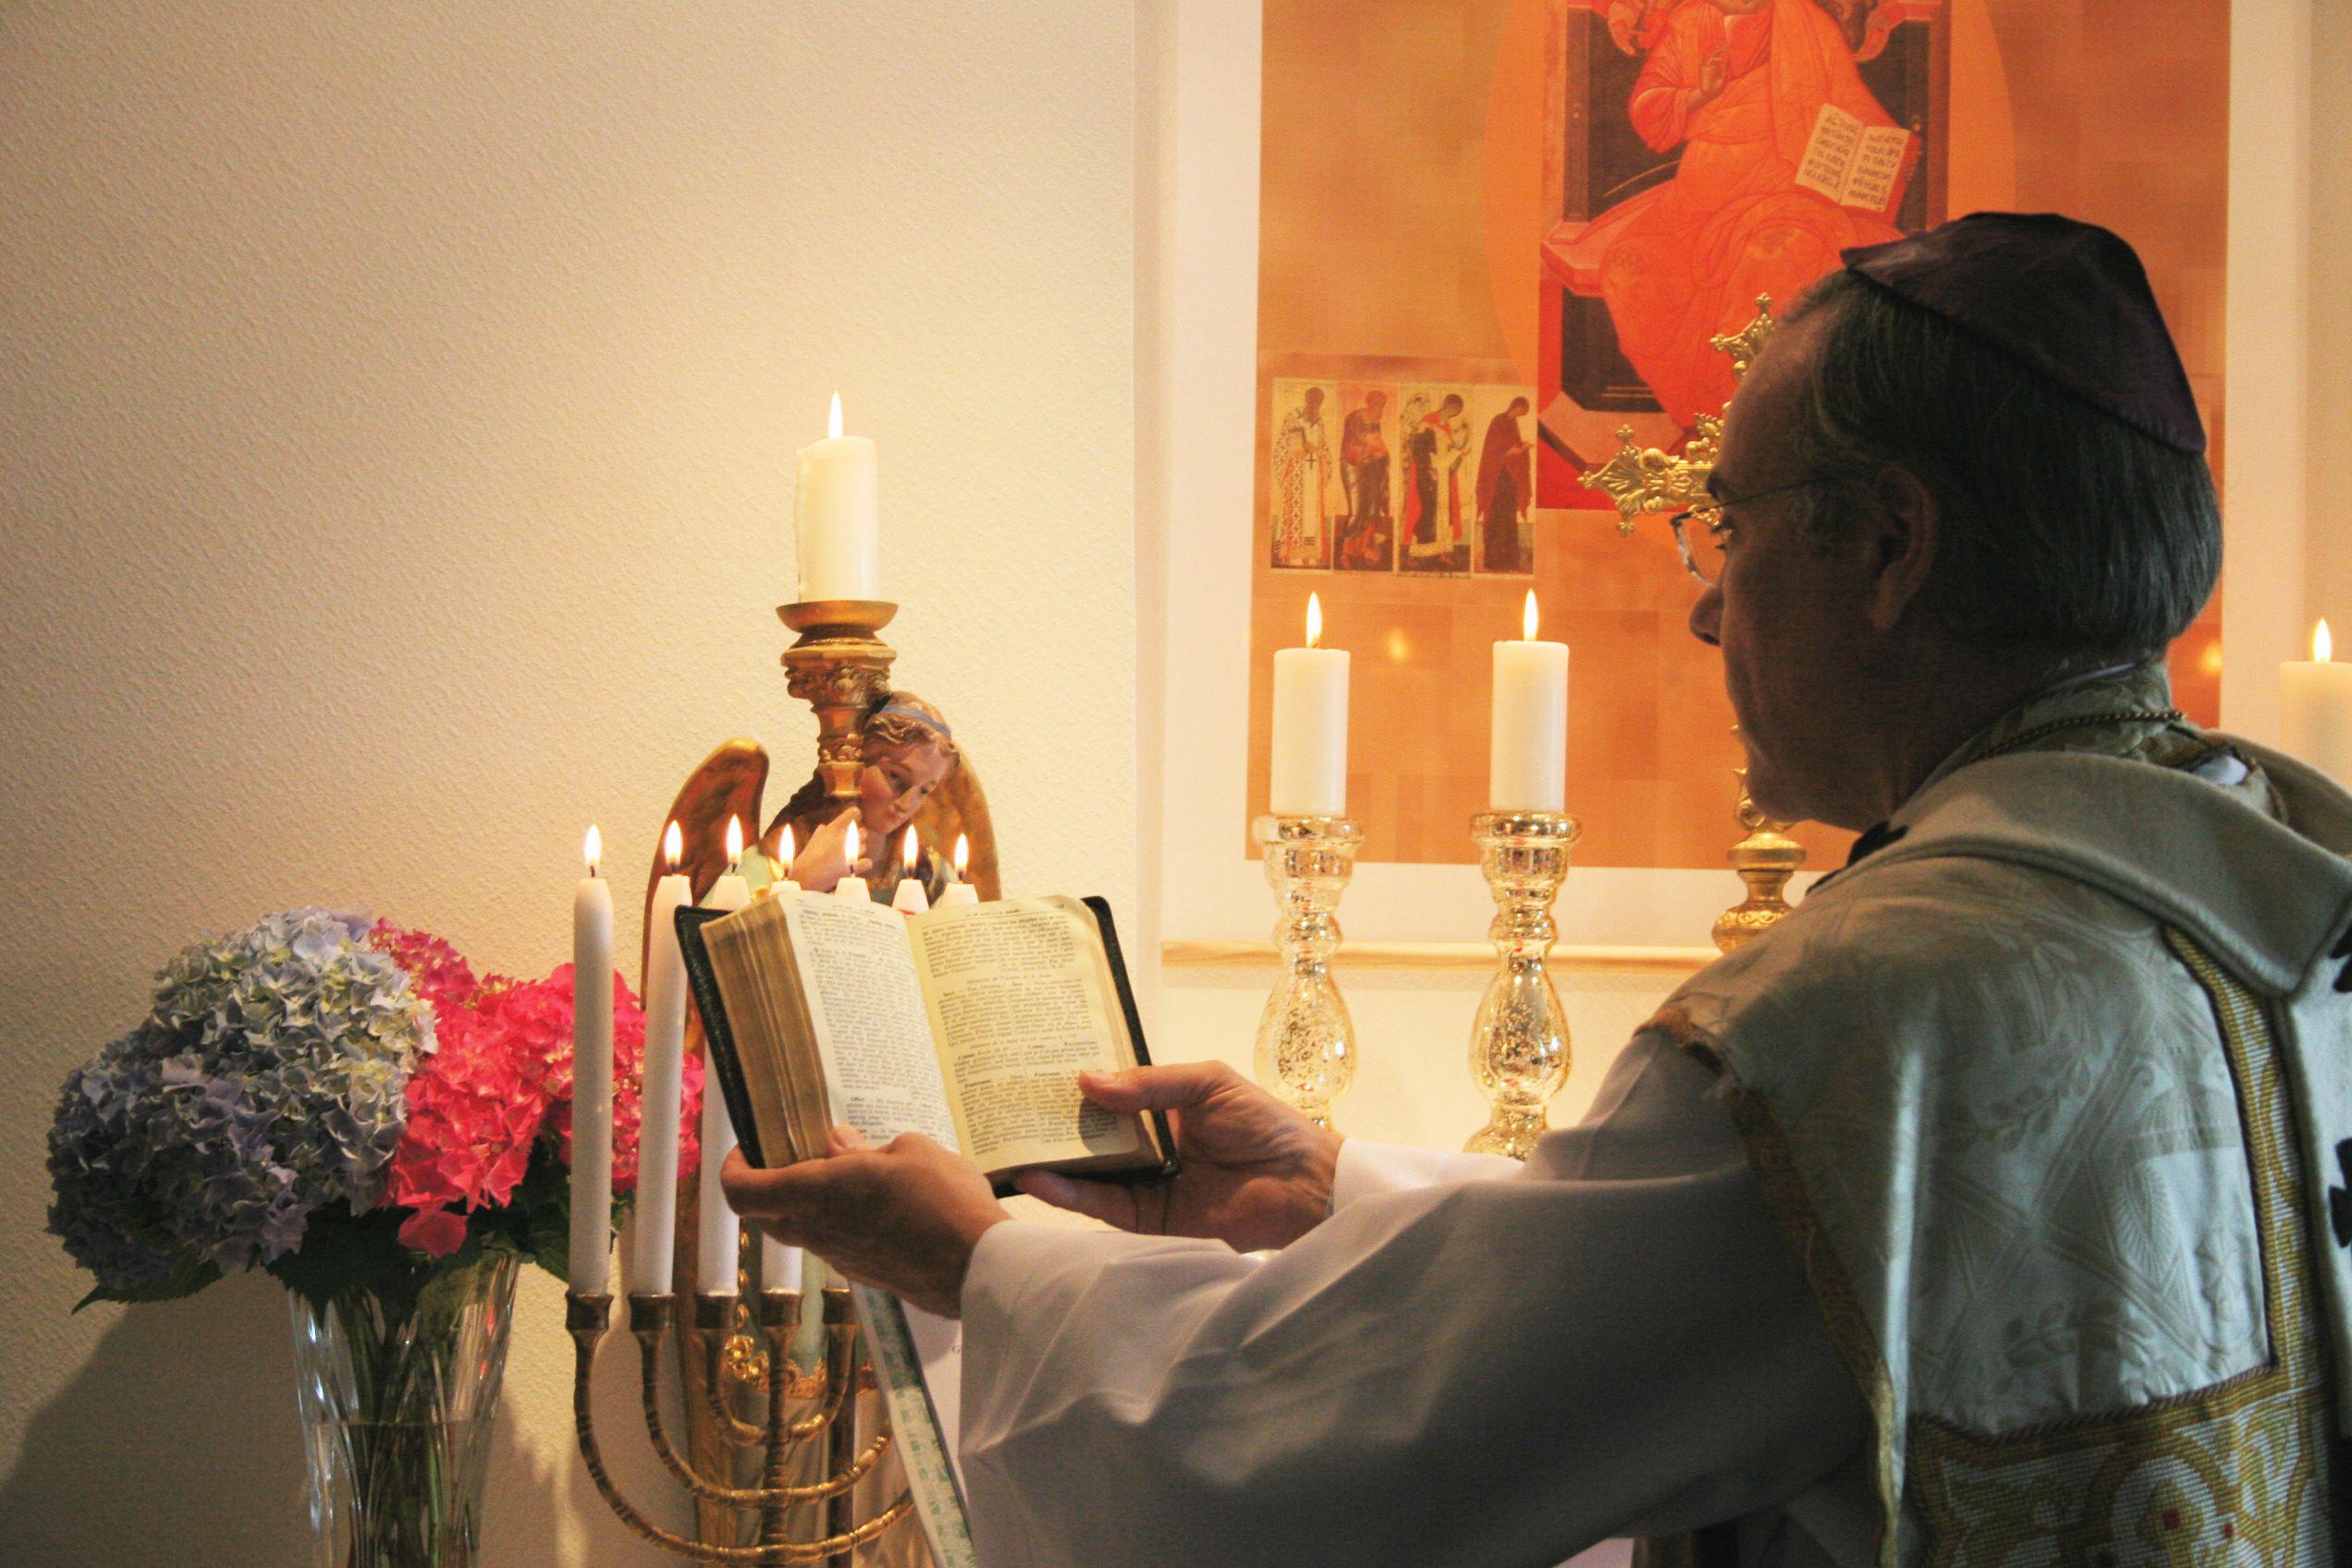 M ditation semaine de pentec te chapelle saint michel archange montbrison - Office des lectures du jour ...